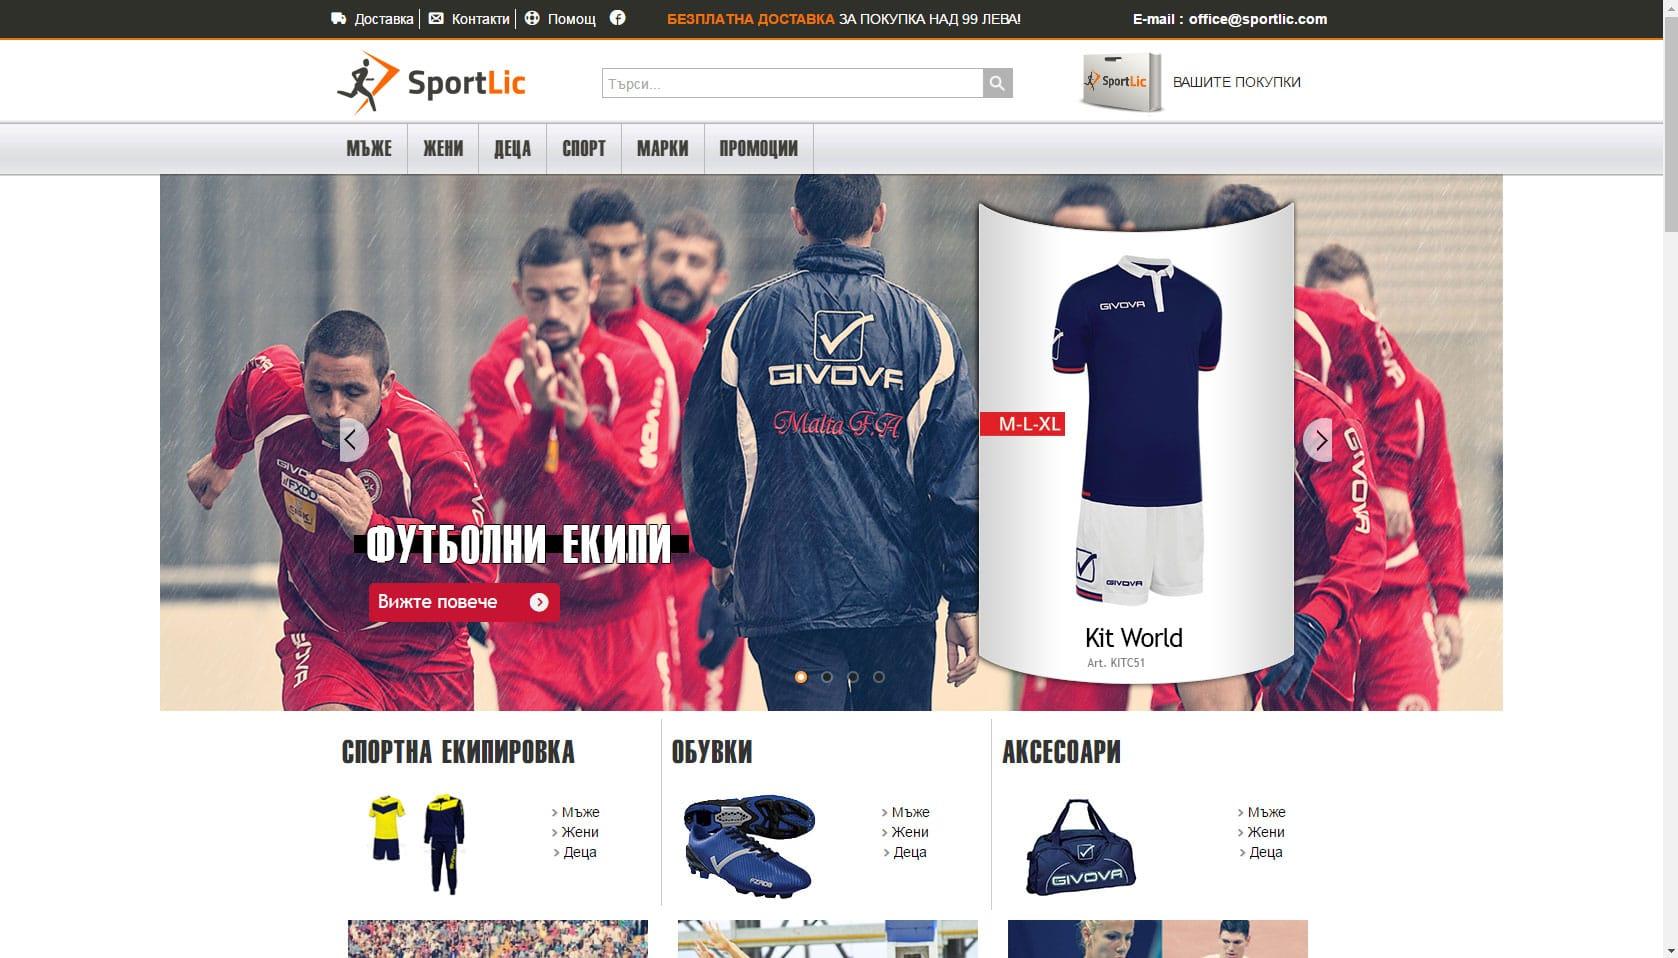 SportLic